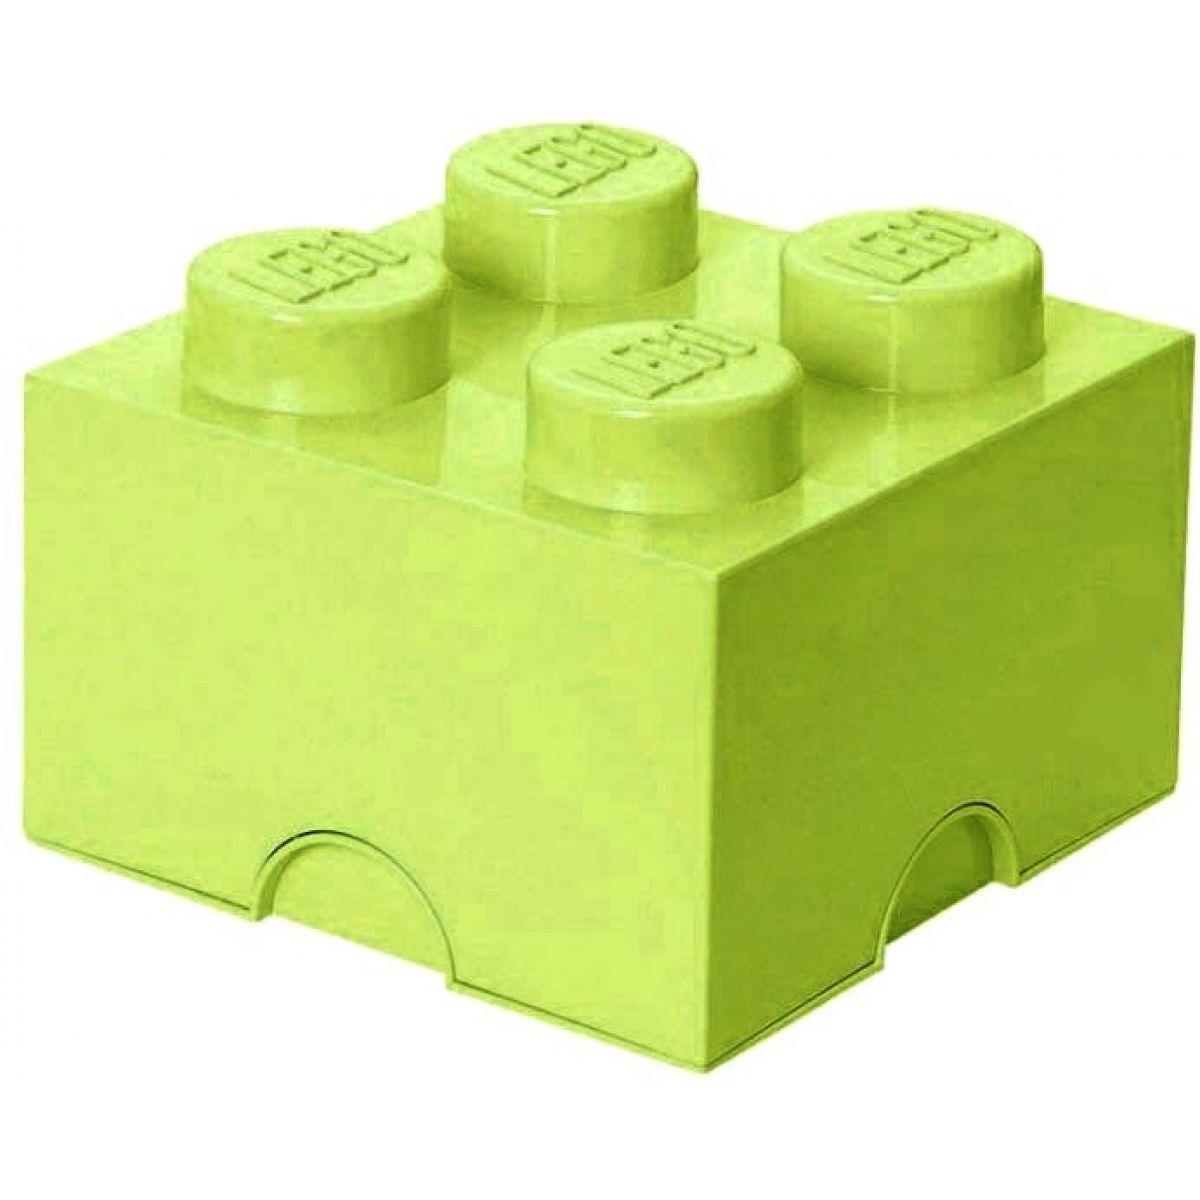 LEGO úložný box 25 x 25 x 18 cm jarná zelená